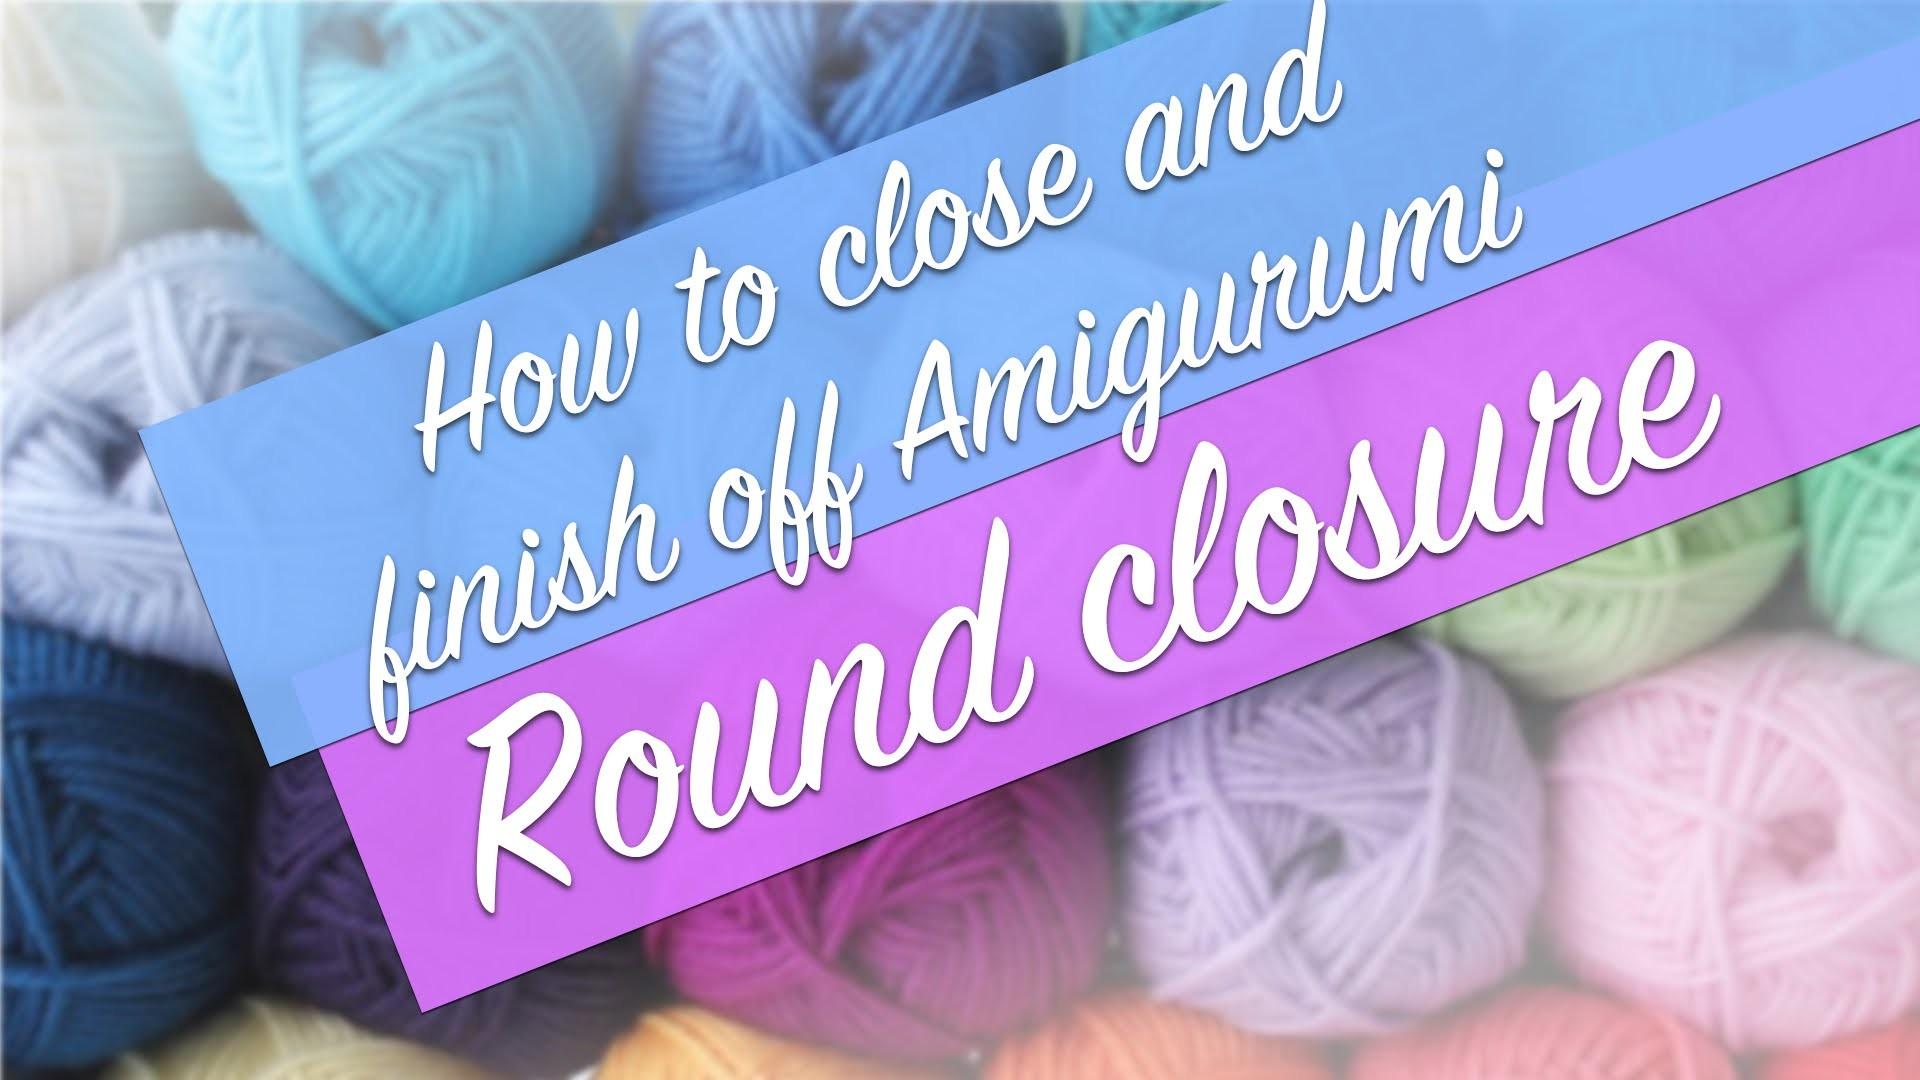 Amigurumi Tutorial: How to Close and Finish Off Amigurumi - Round Closure